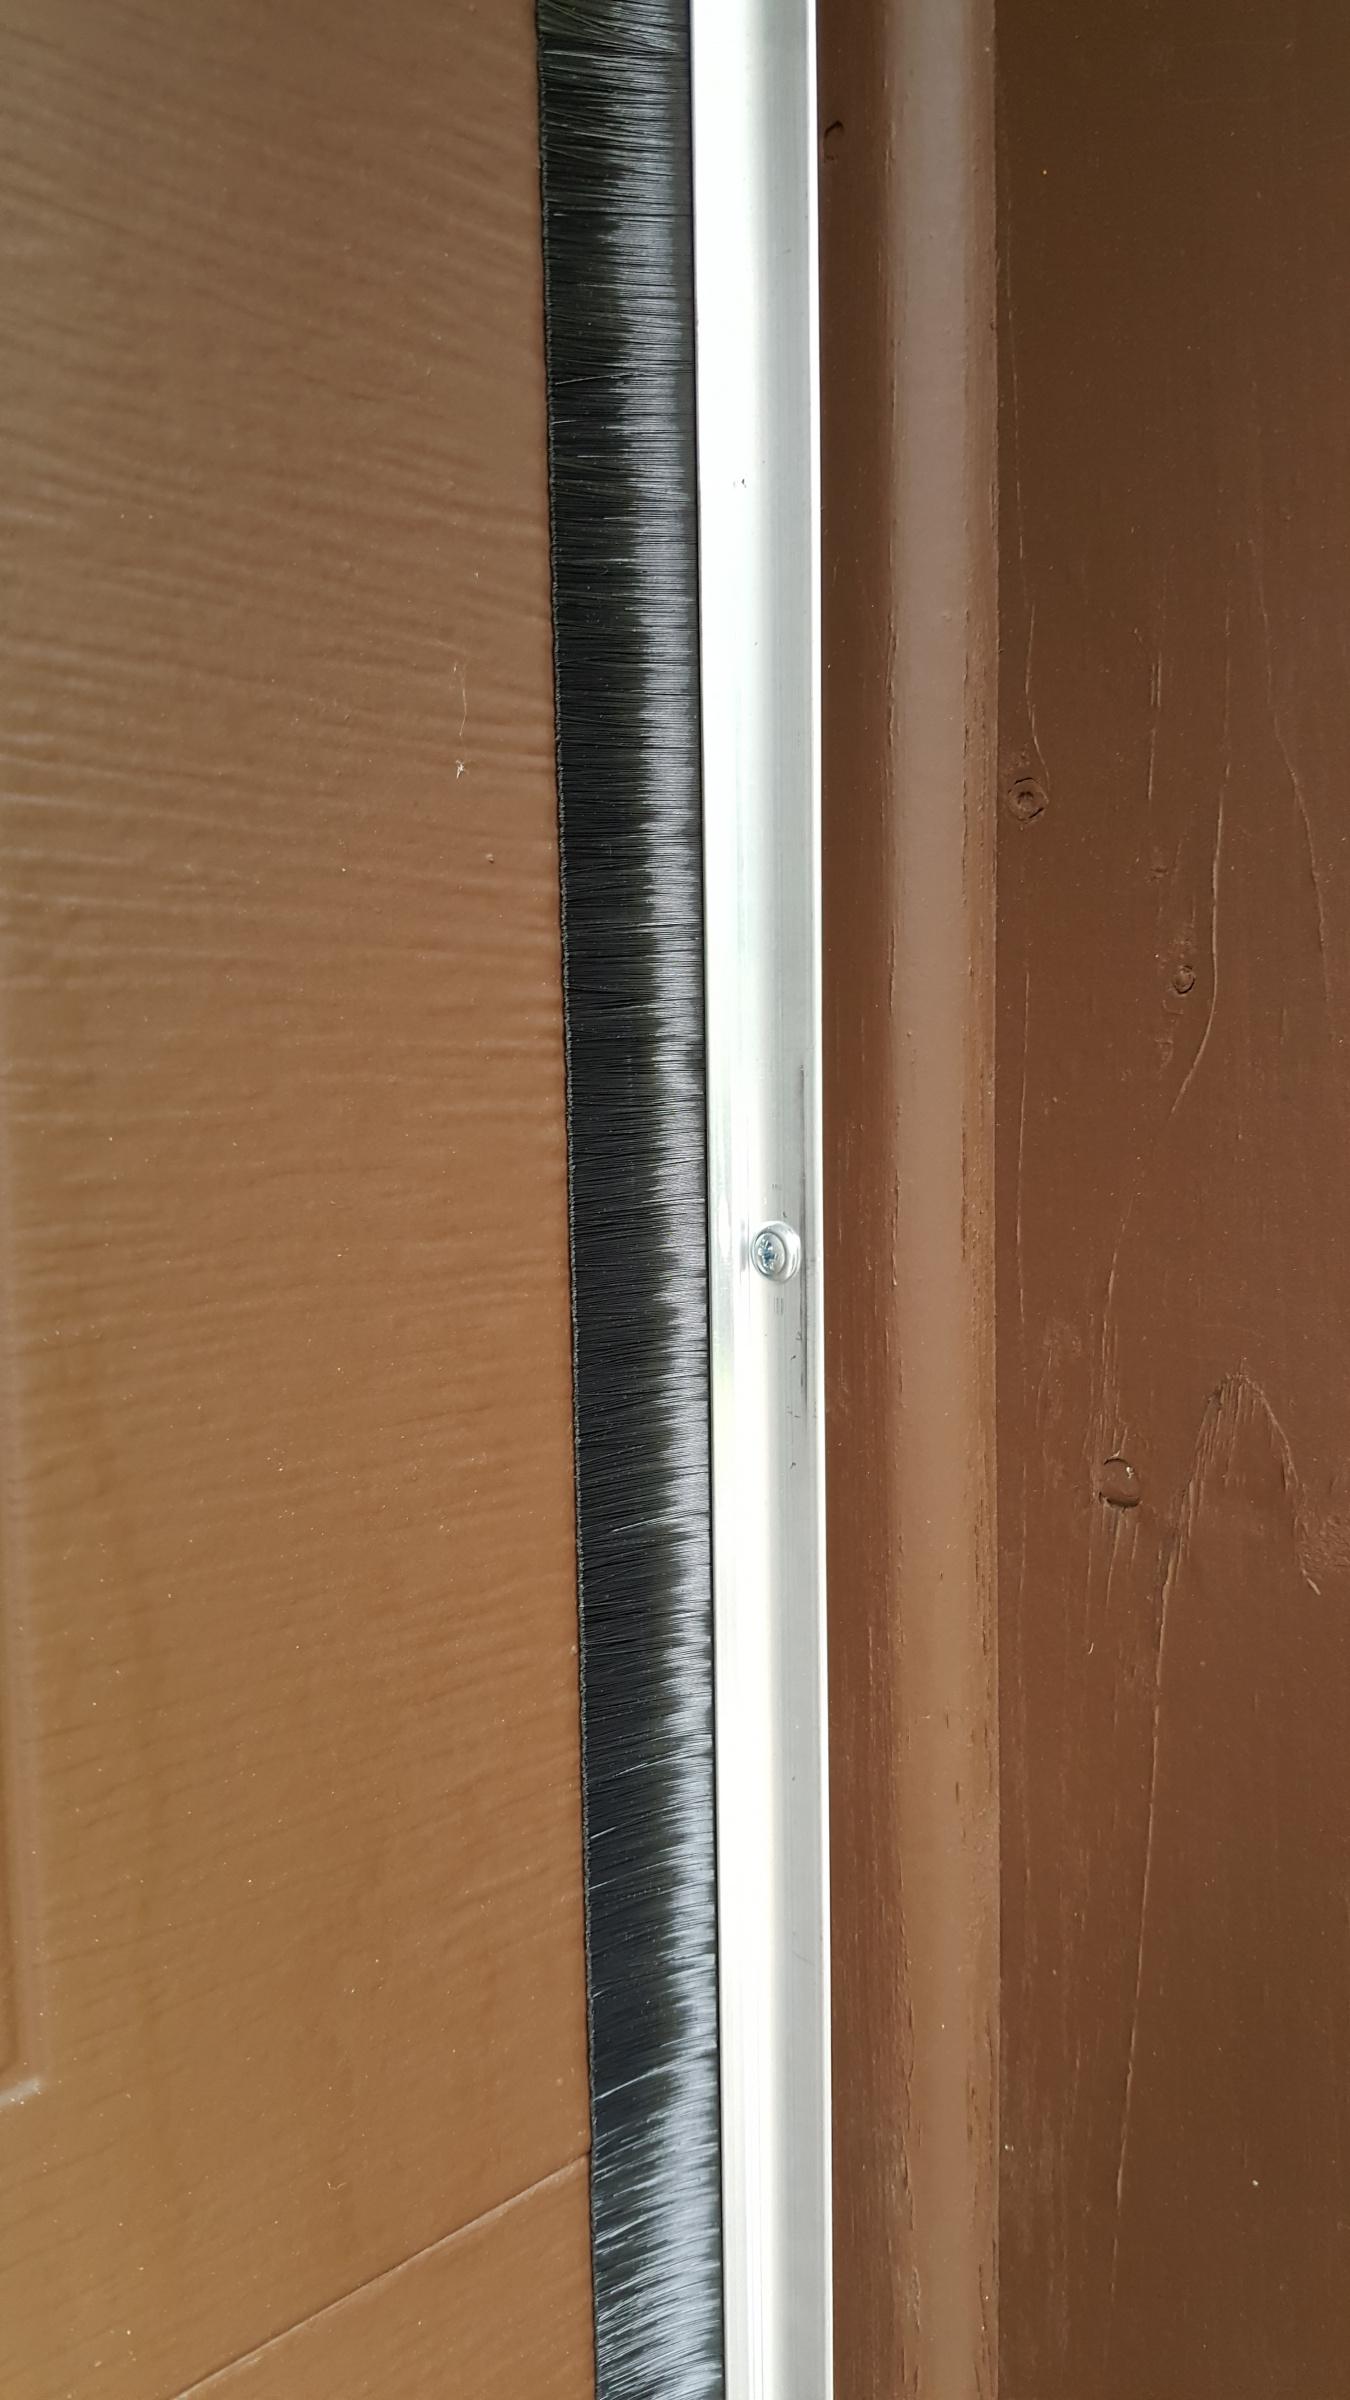 garage door insulation - fad or it works?-20190715_115810.jpg